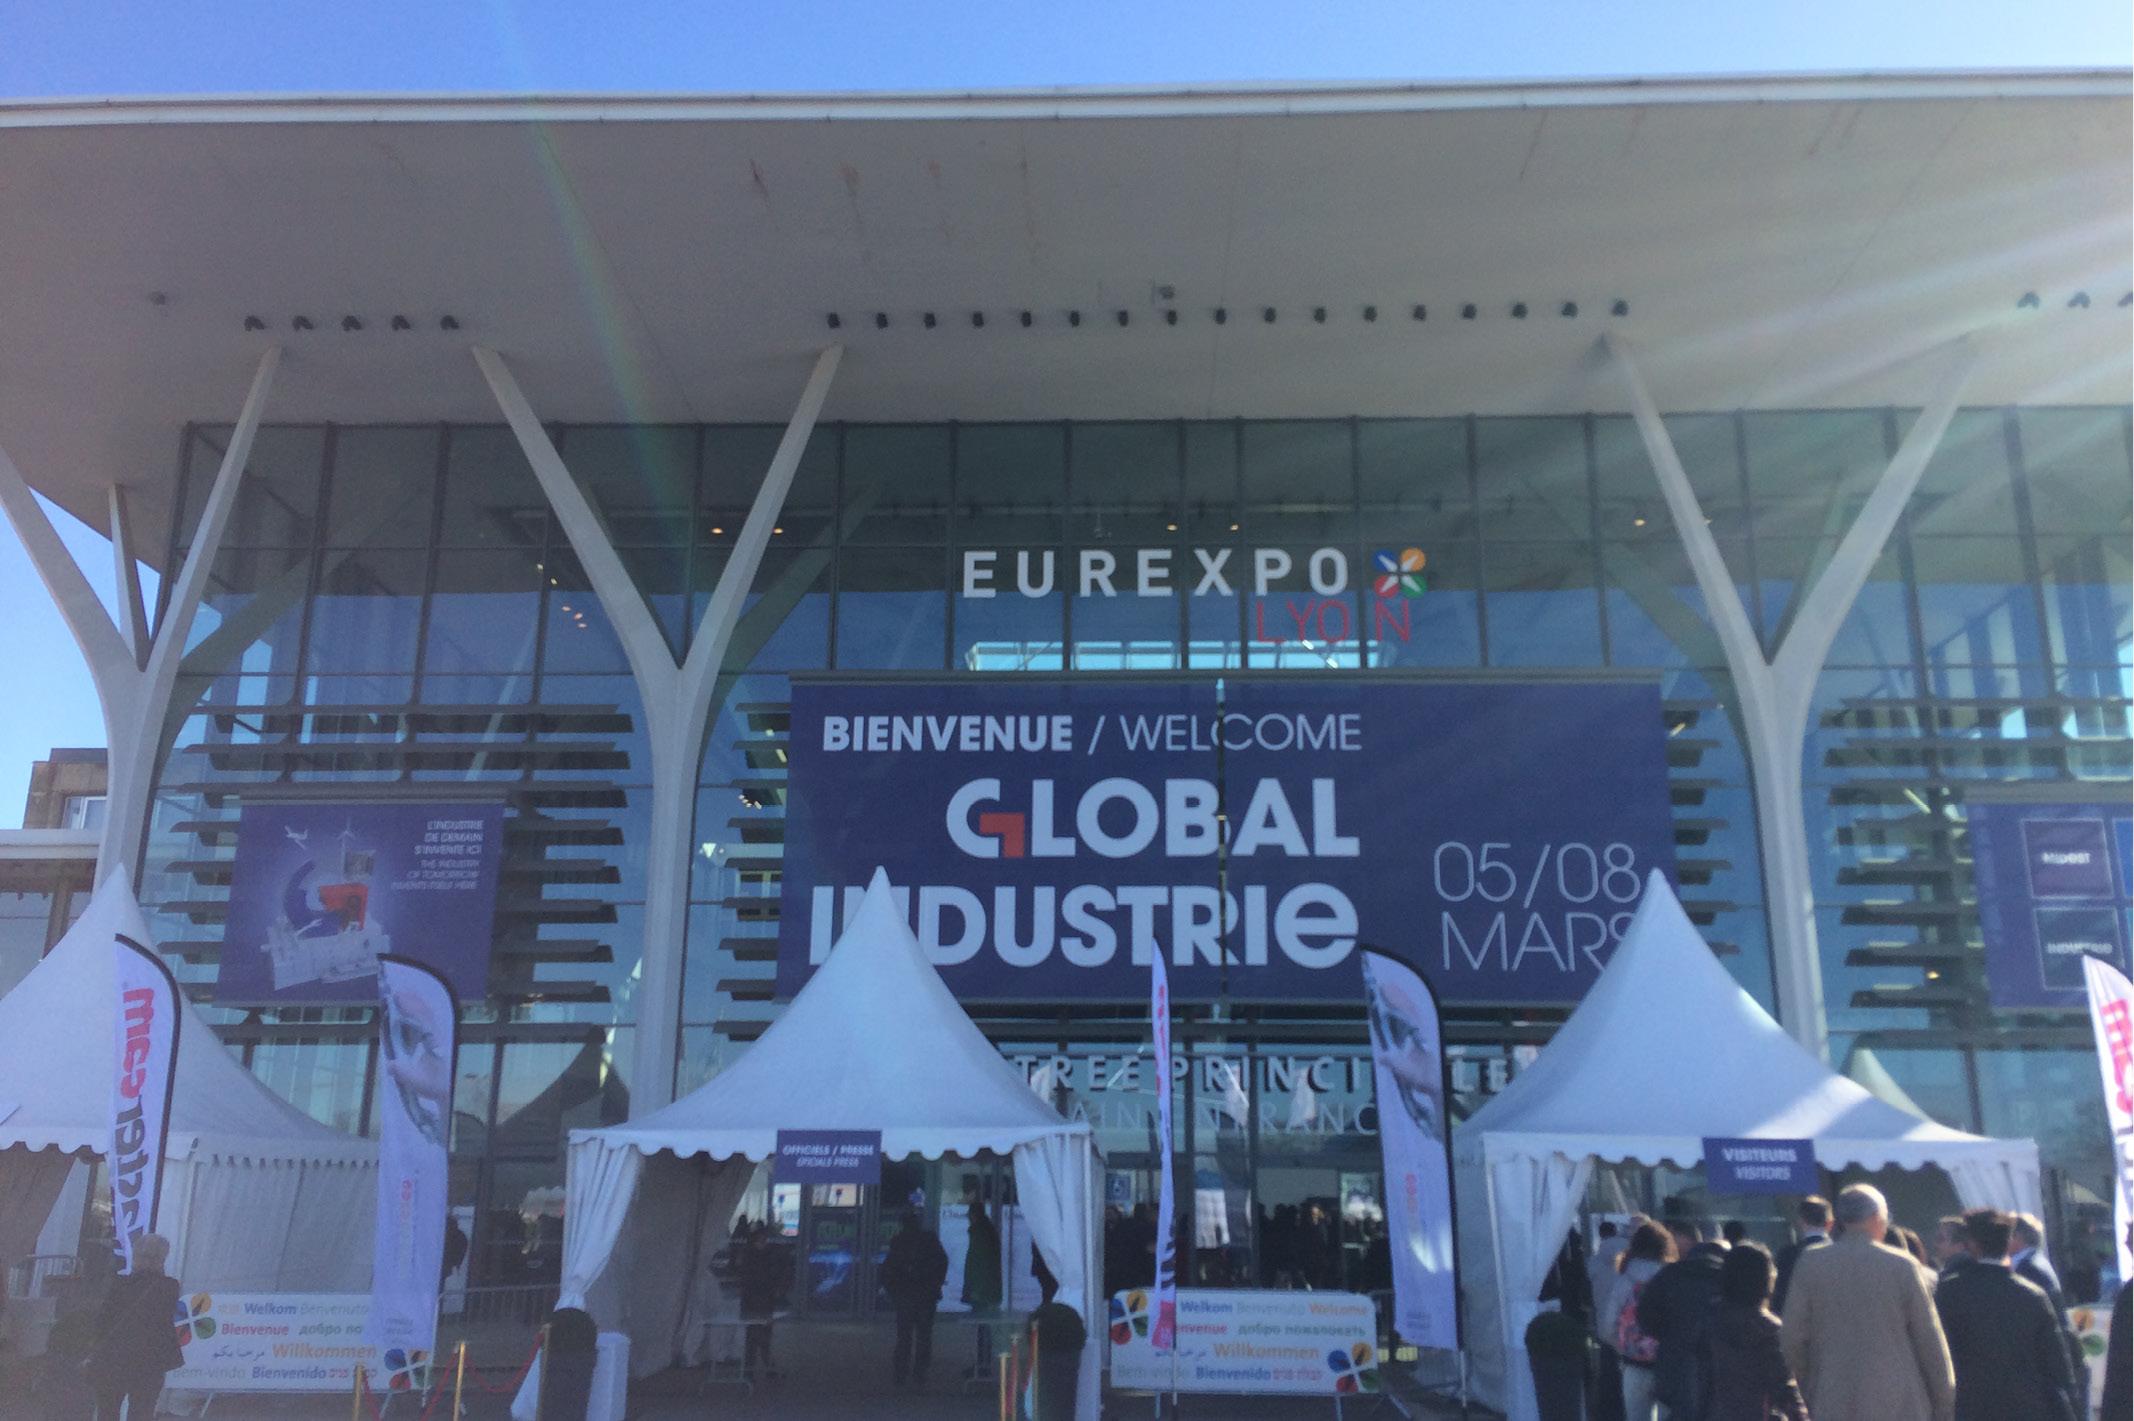 Le MIDEST a eu lieu a Lyon du 5 au 8 mars 2019.